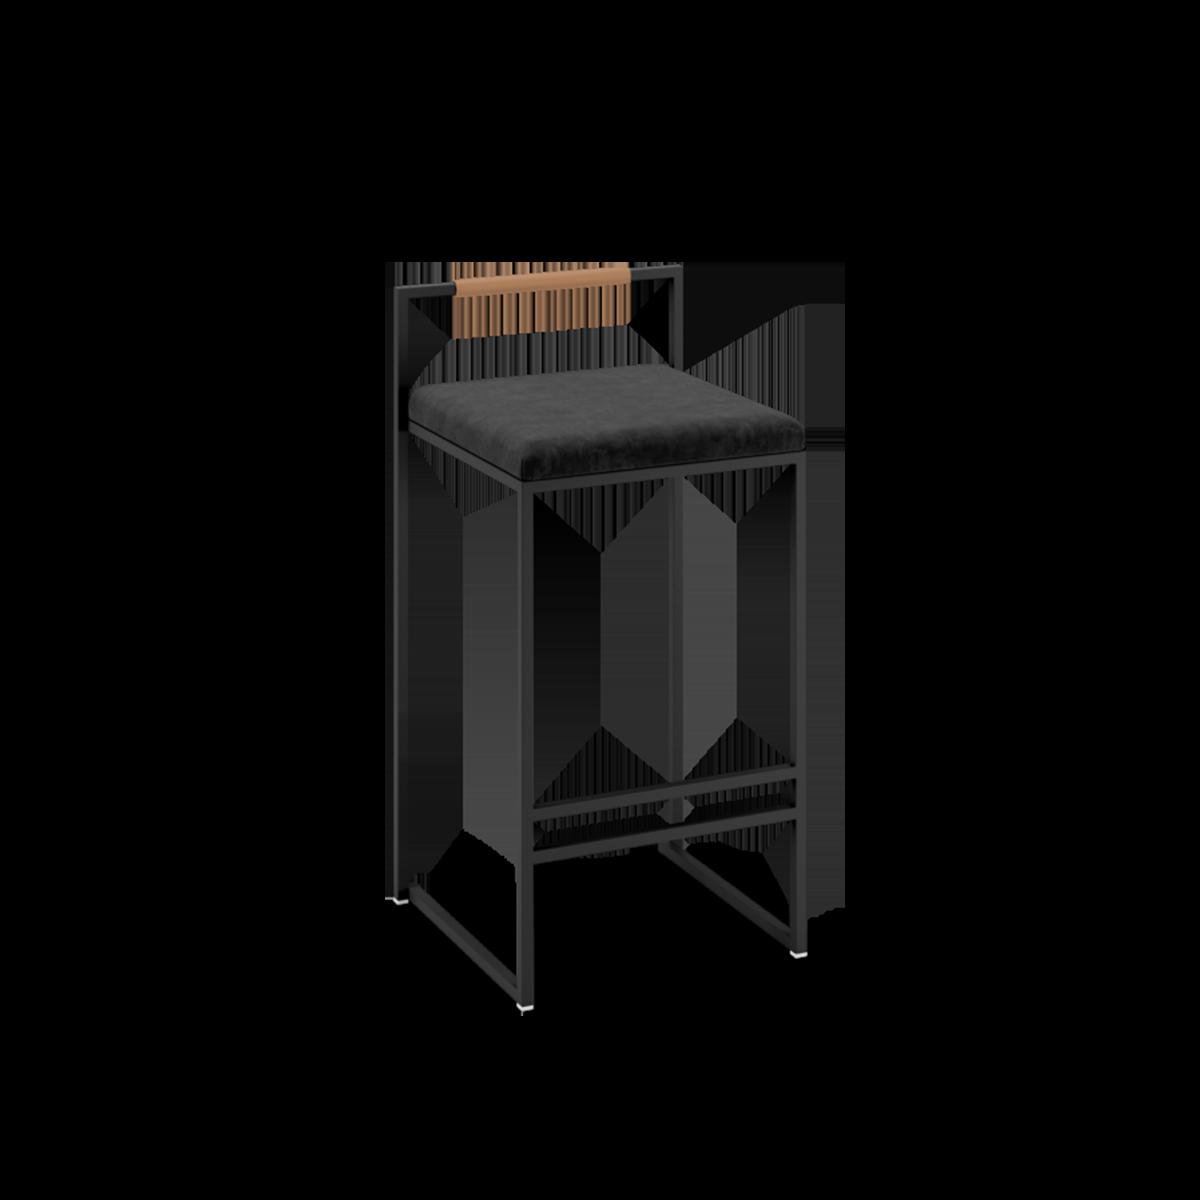 Freja barstol i sammet - by Crea® barstol